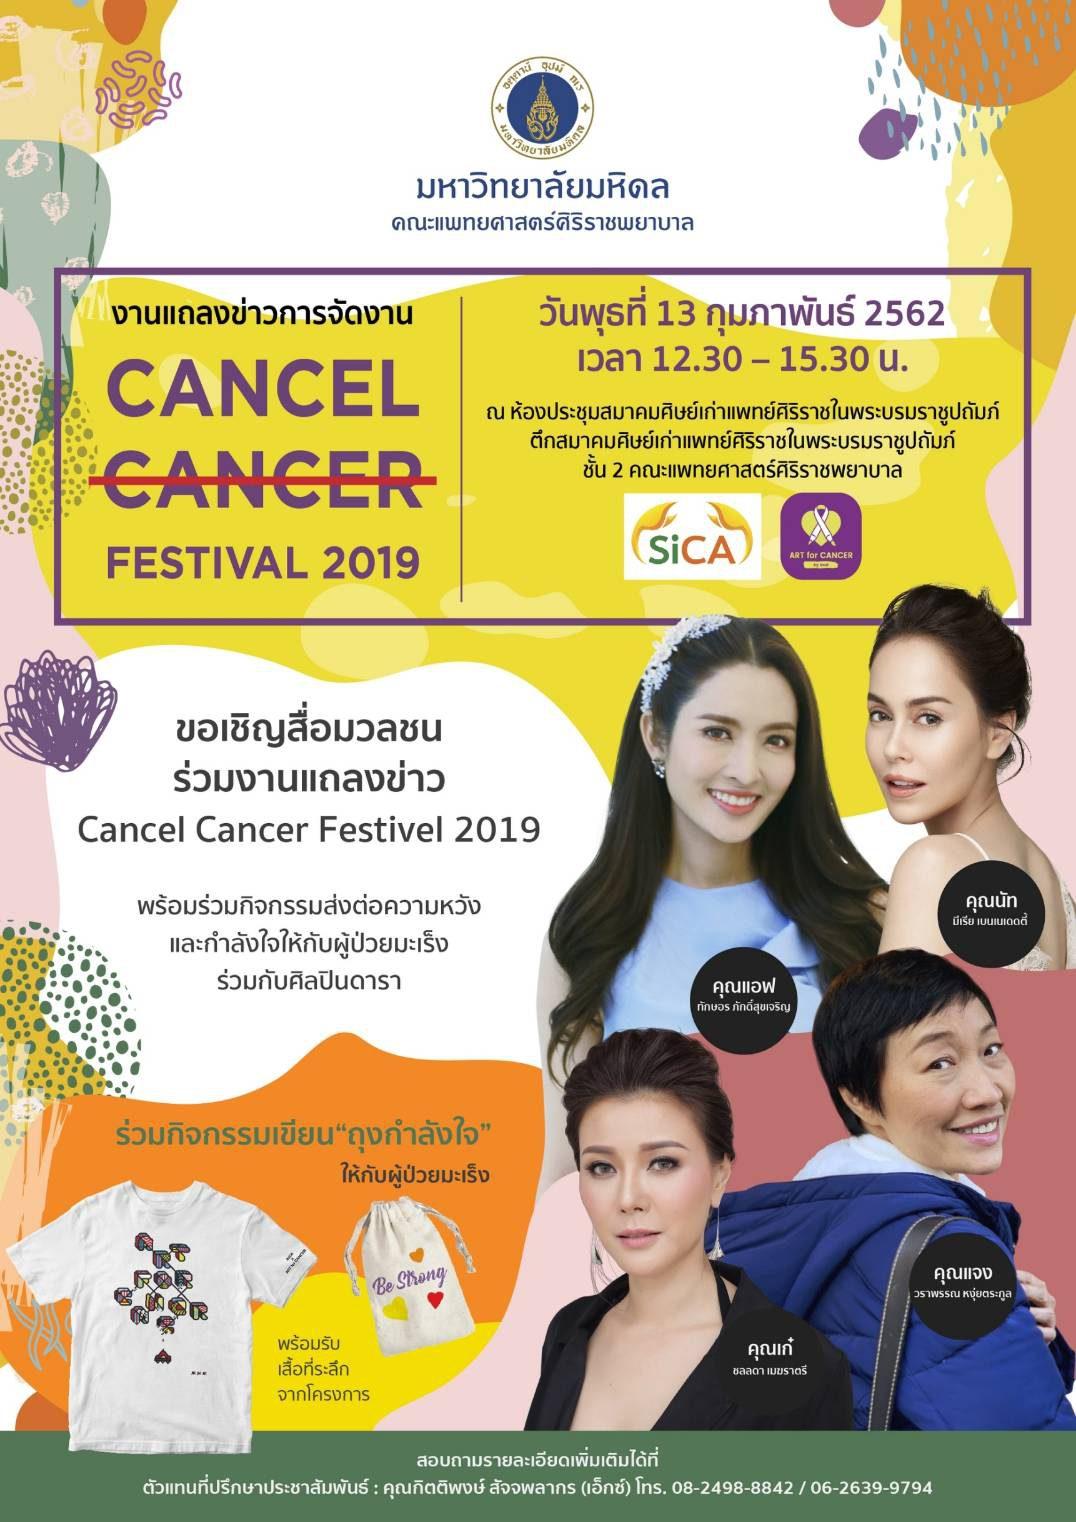 """เชิญชวนคนไทยร่วมงานแถลงข่าวงาน """"CANCEL CANCER FESTIVAL 2019"""""""